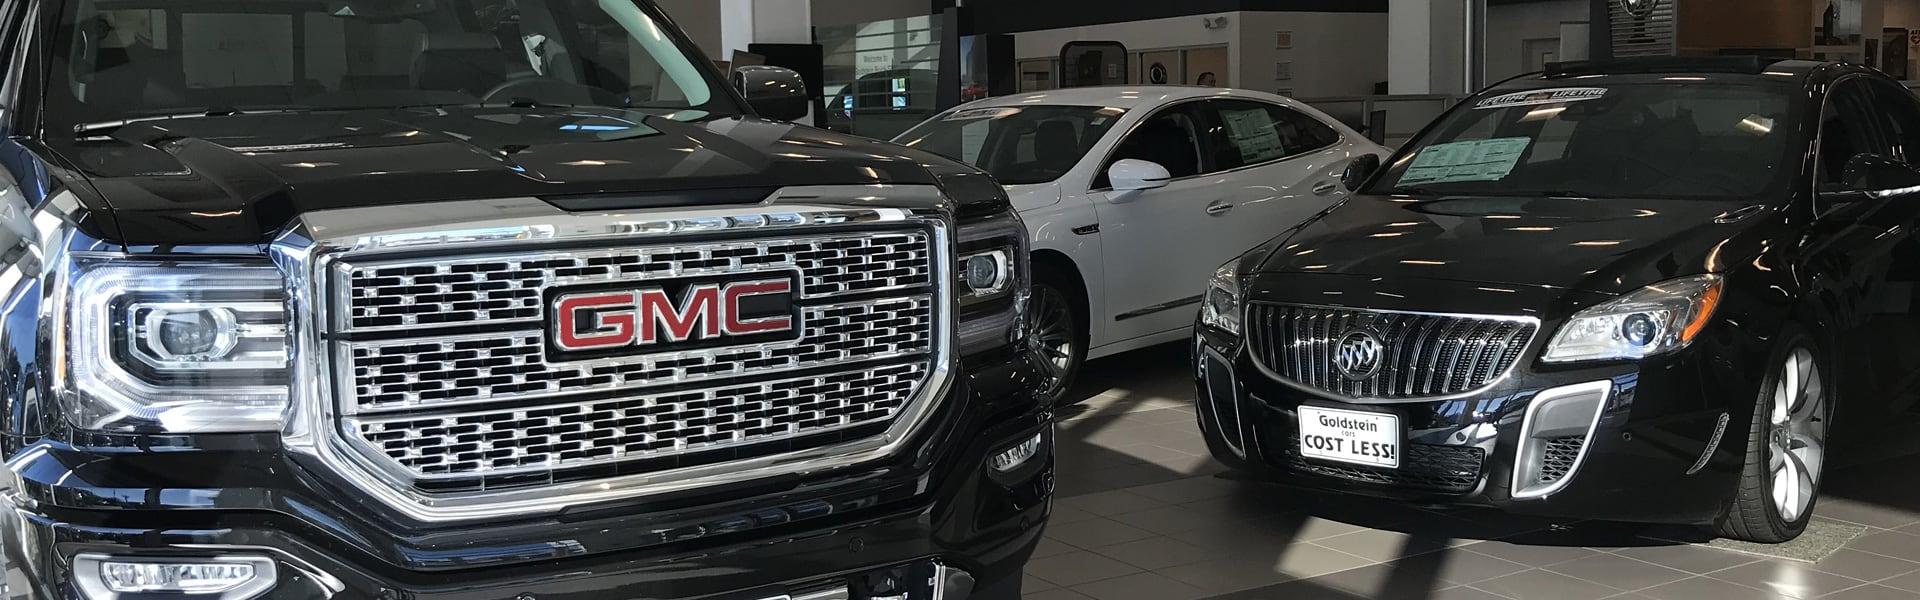 Chevy Dealer Albany Ny >> Car Dealership Albany, NY | Goldstein Buick GMC